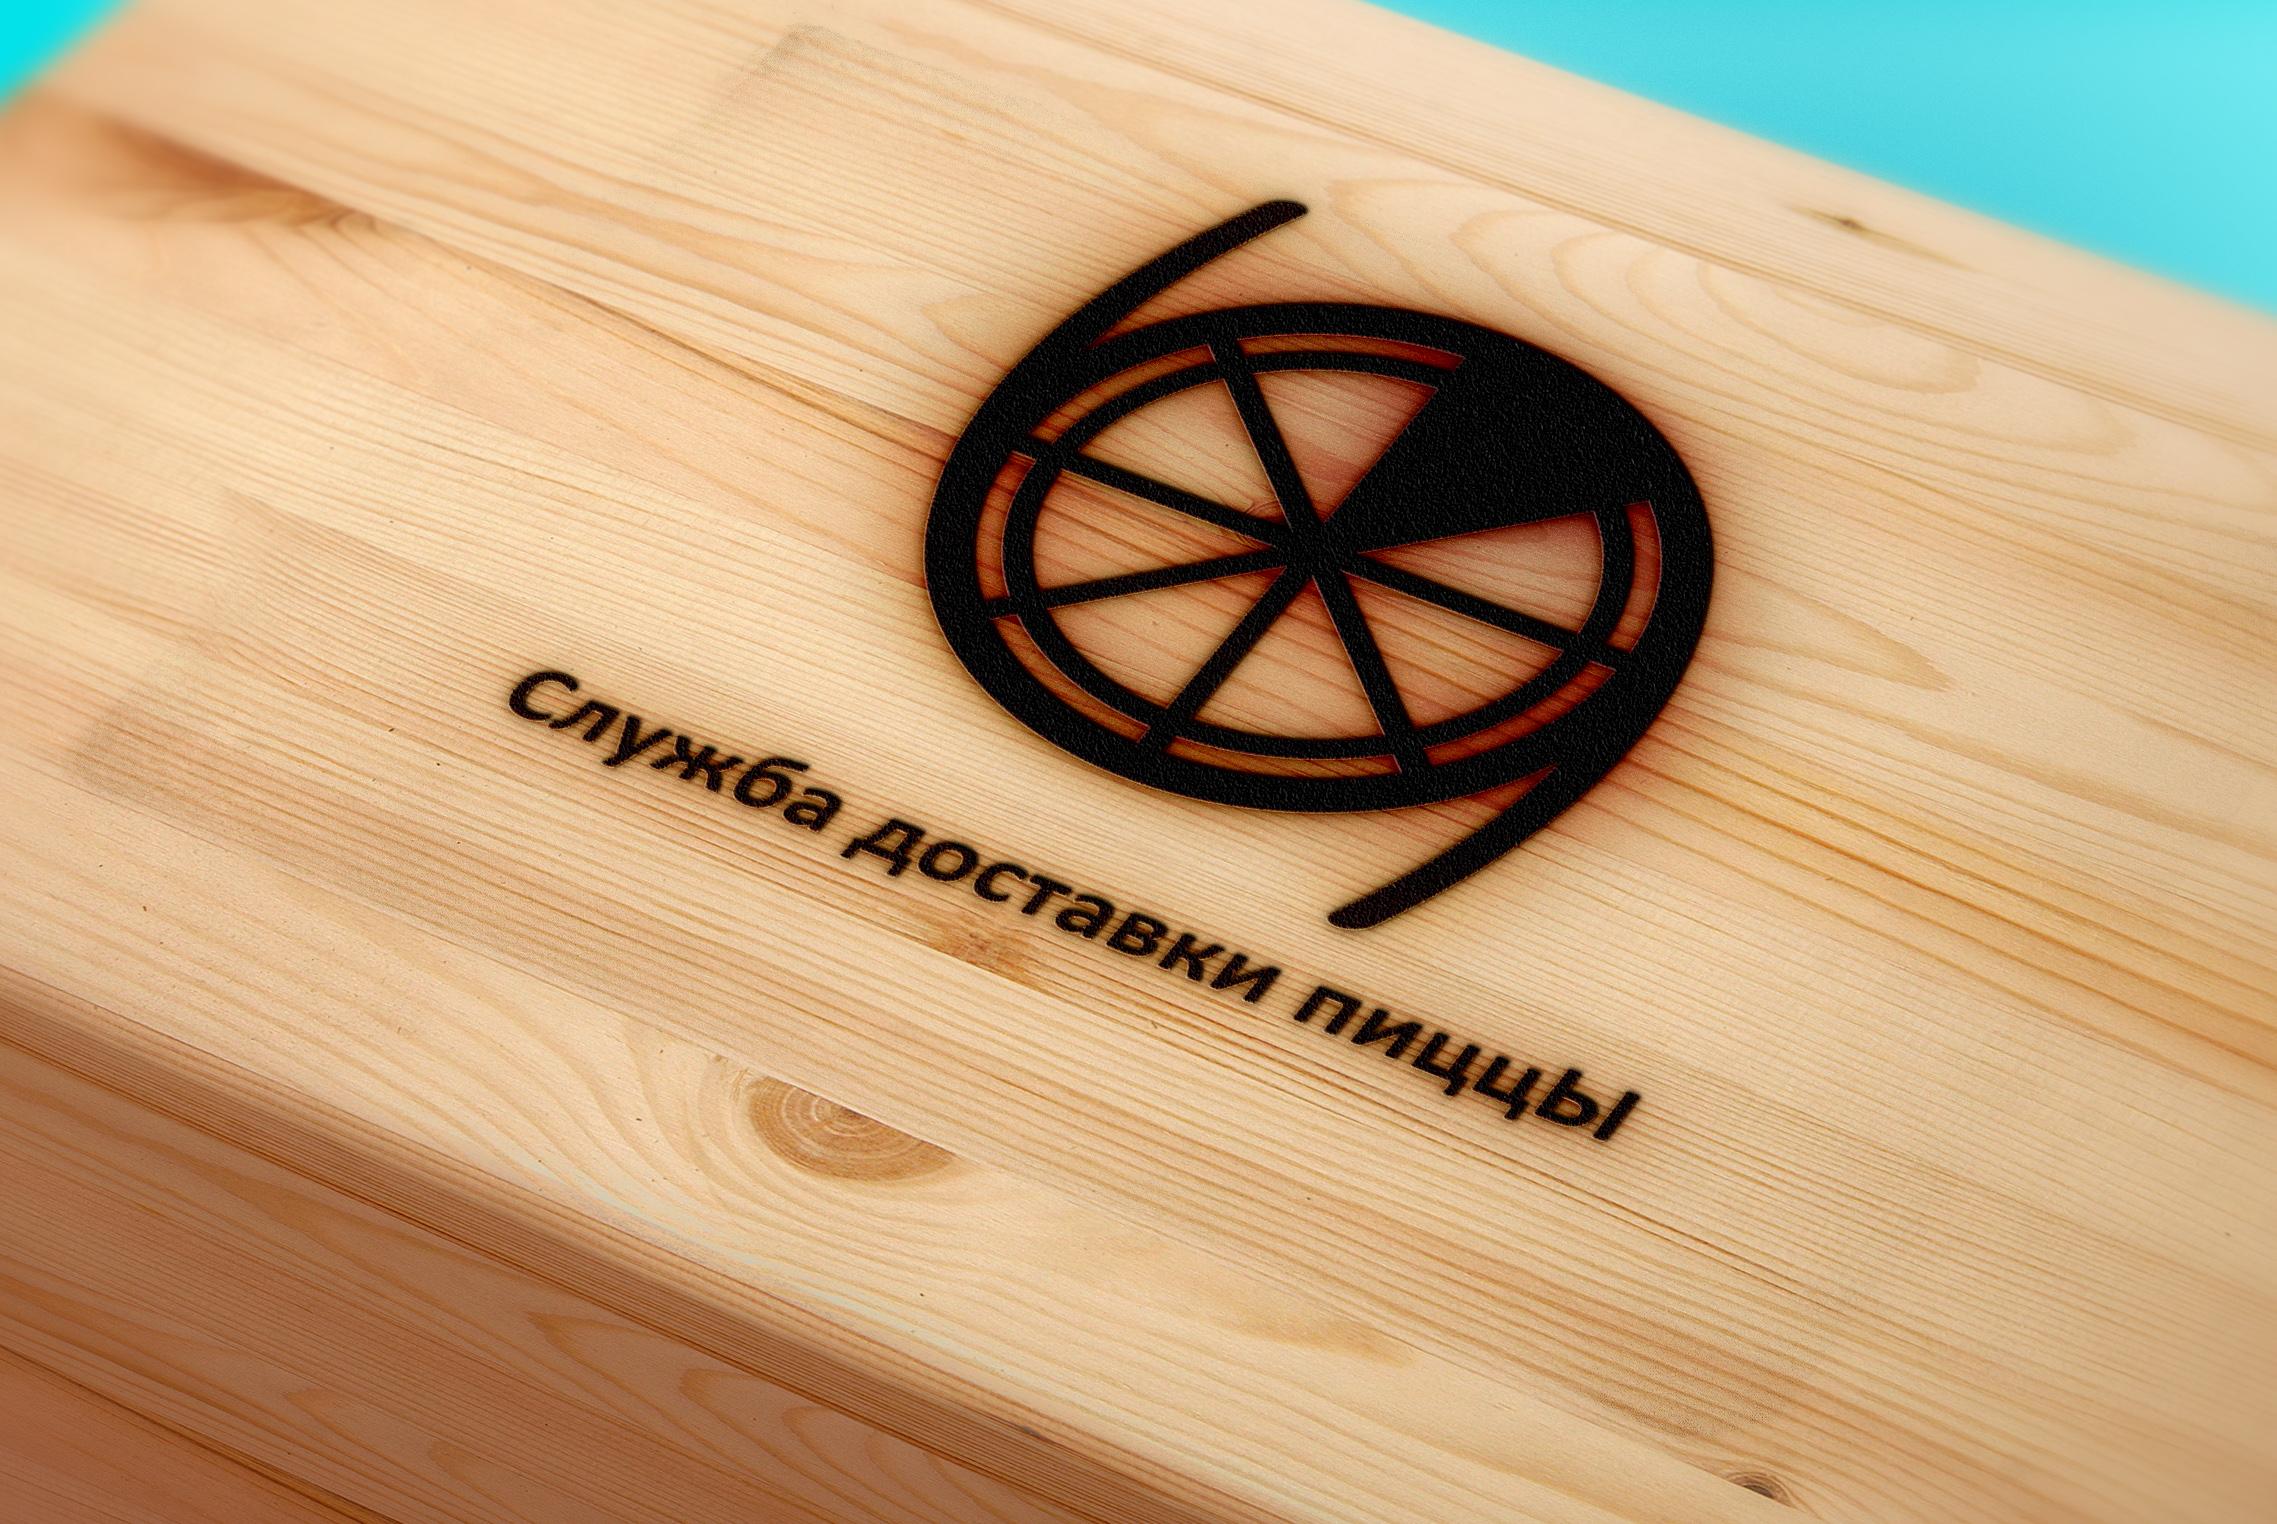 Разыскивается дизайнер для разработки лого службы доставки фото f_4825c37c1739b49a.jpg